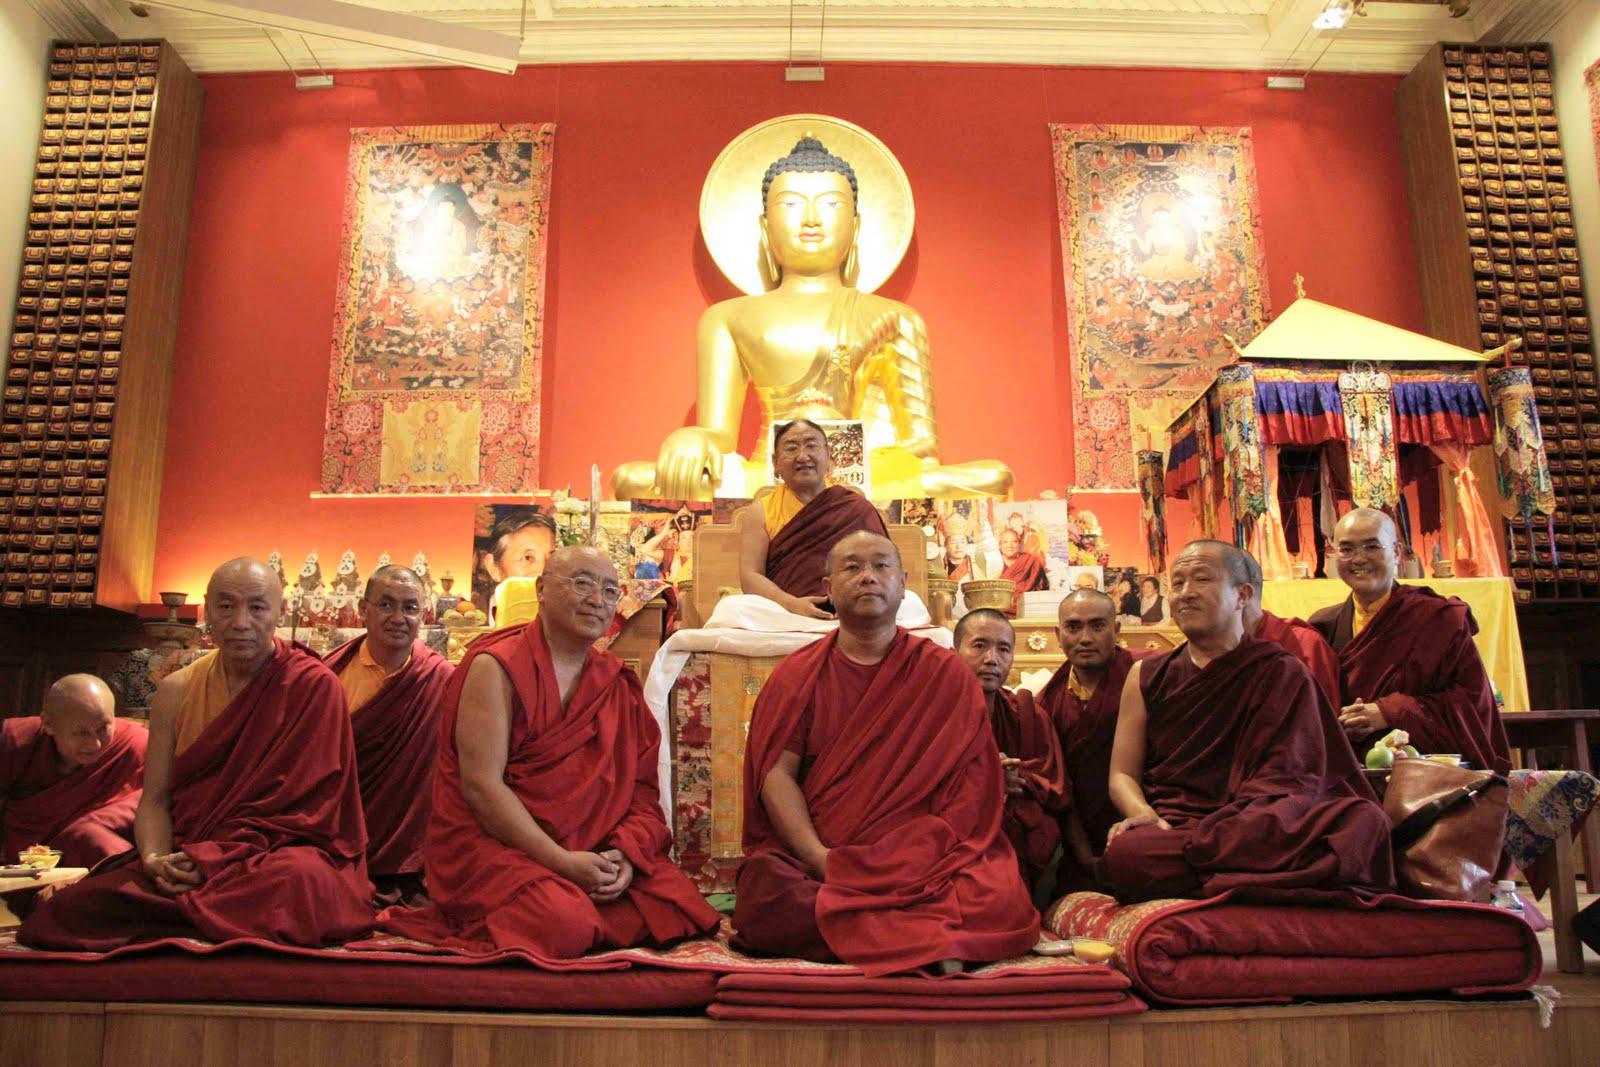 Kết quả hình ảnh cho jigme khyentse rinpoche